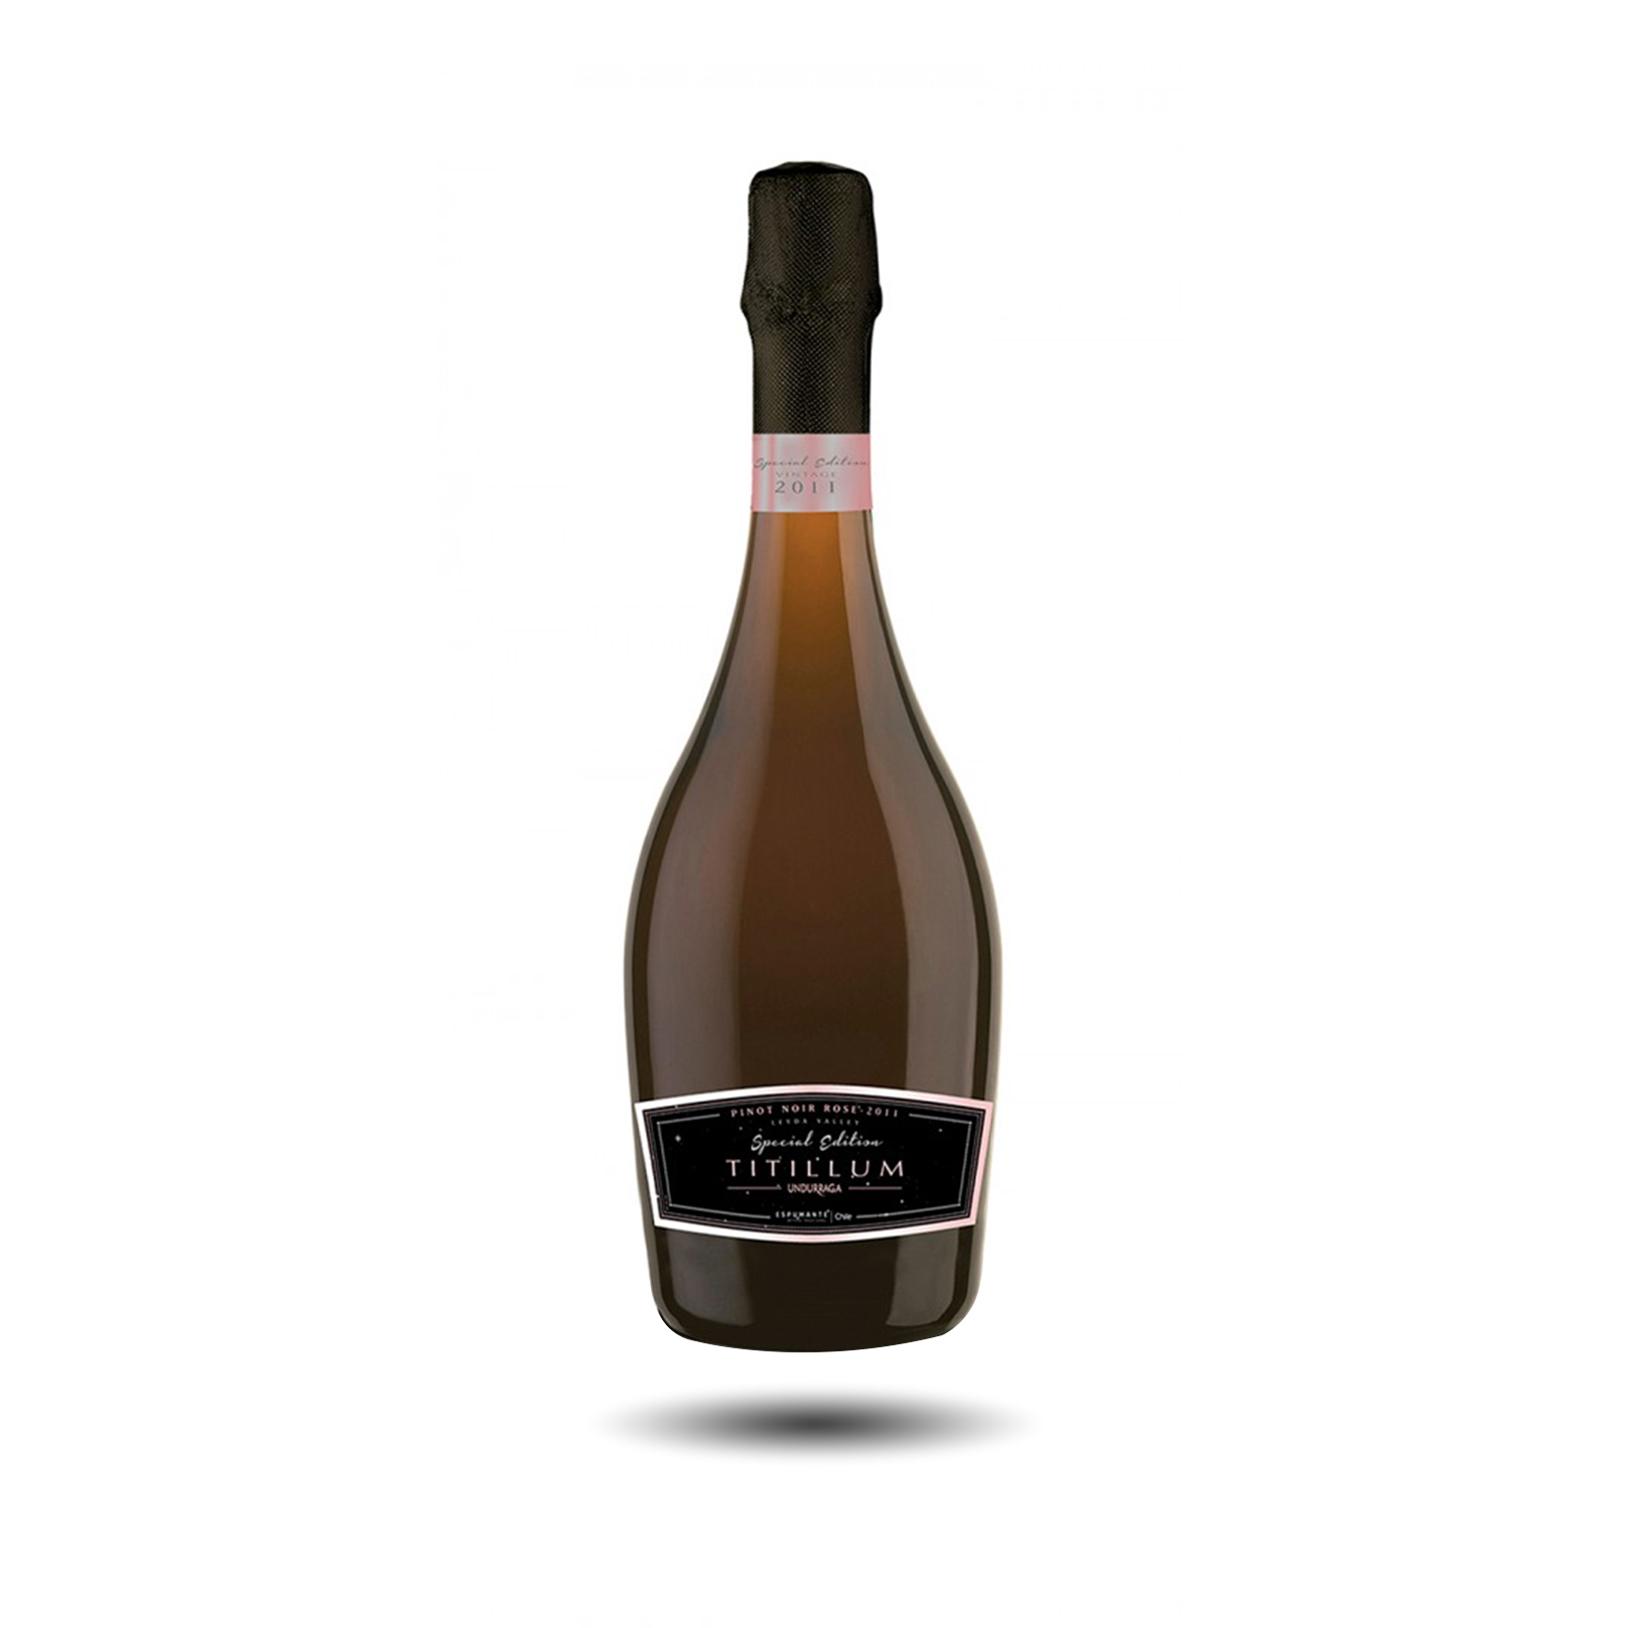 Undurraga, Titillum - Espumante Pinot Noir, 2011